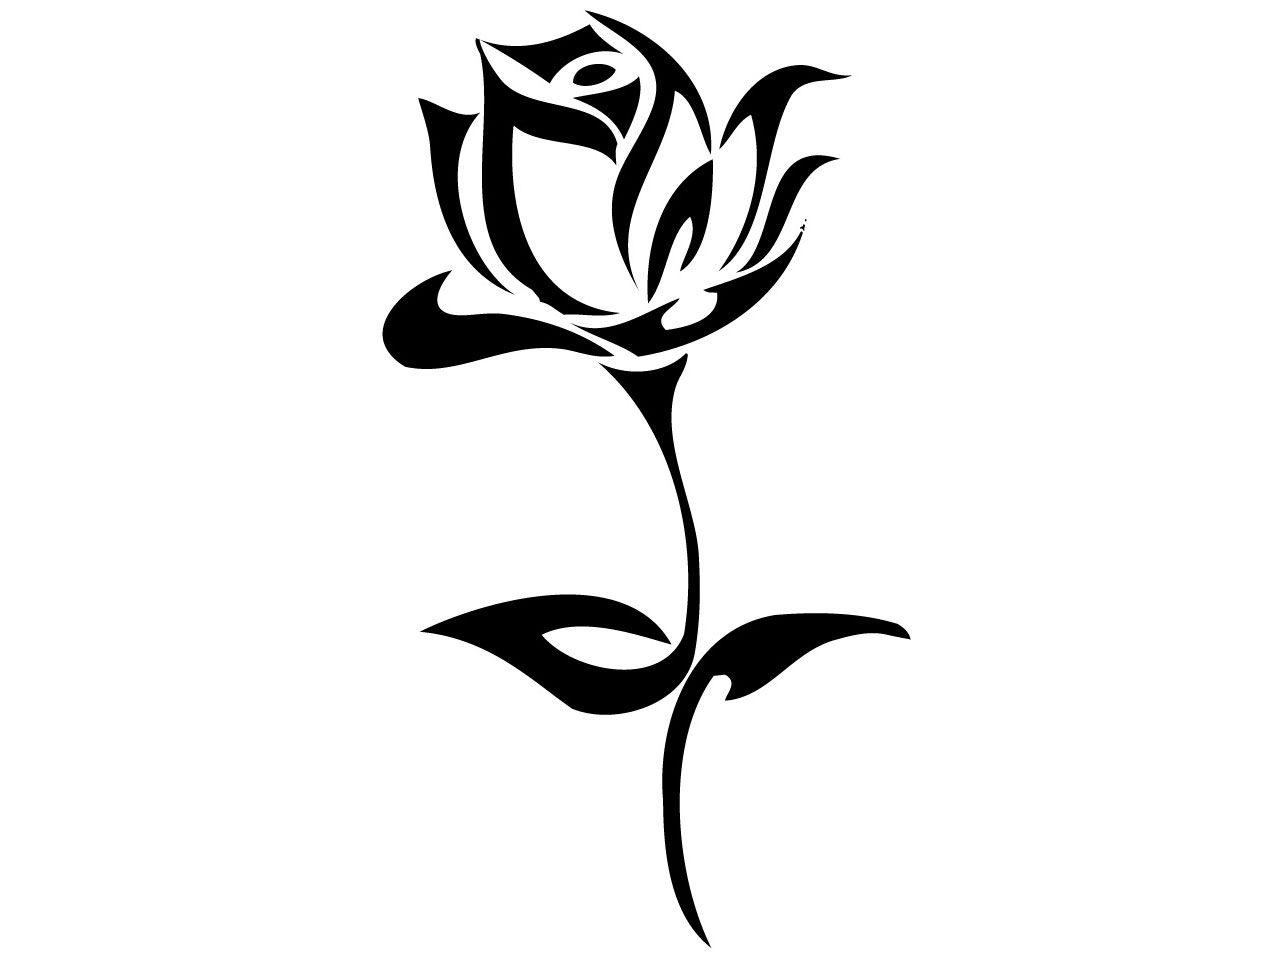 Black And White Sunflower Tattoo.